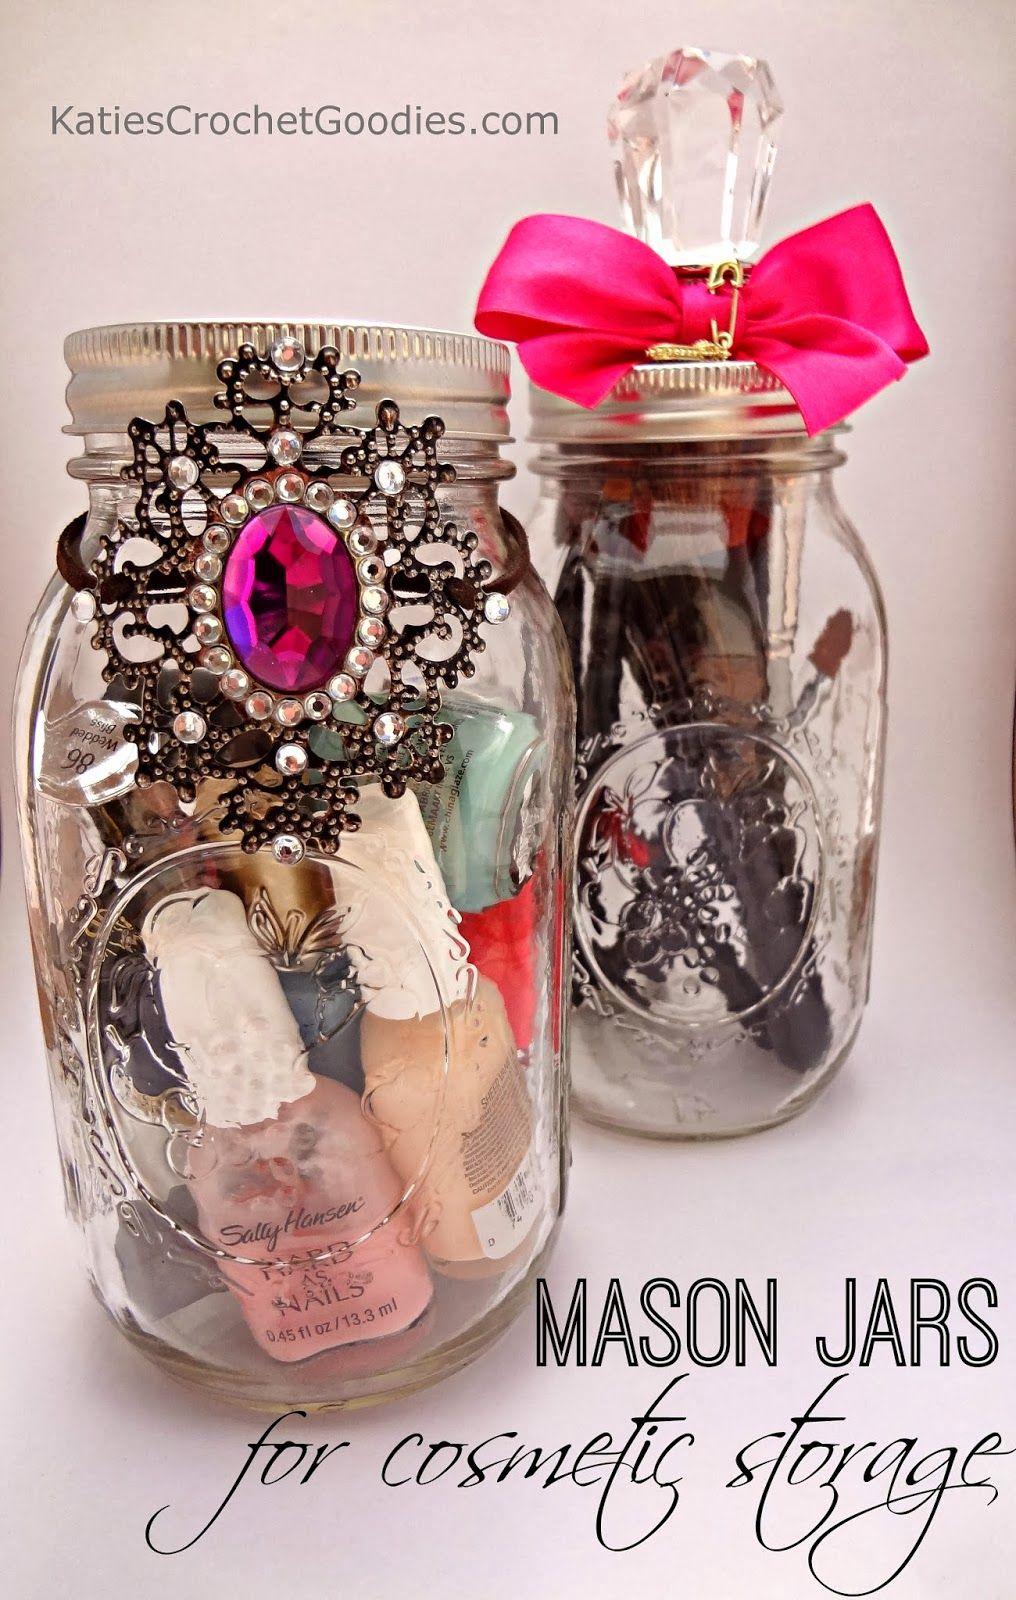 Katieu0027s Crochet Goodies and Crafts Mason Jar